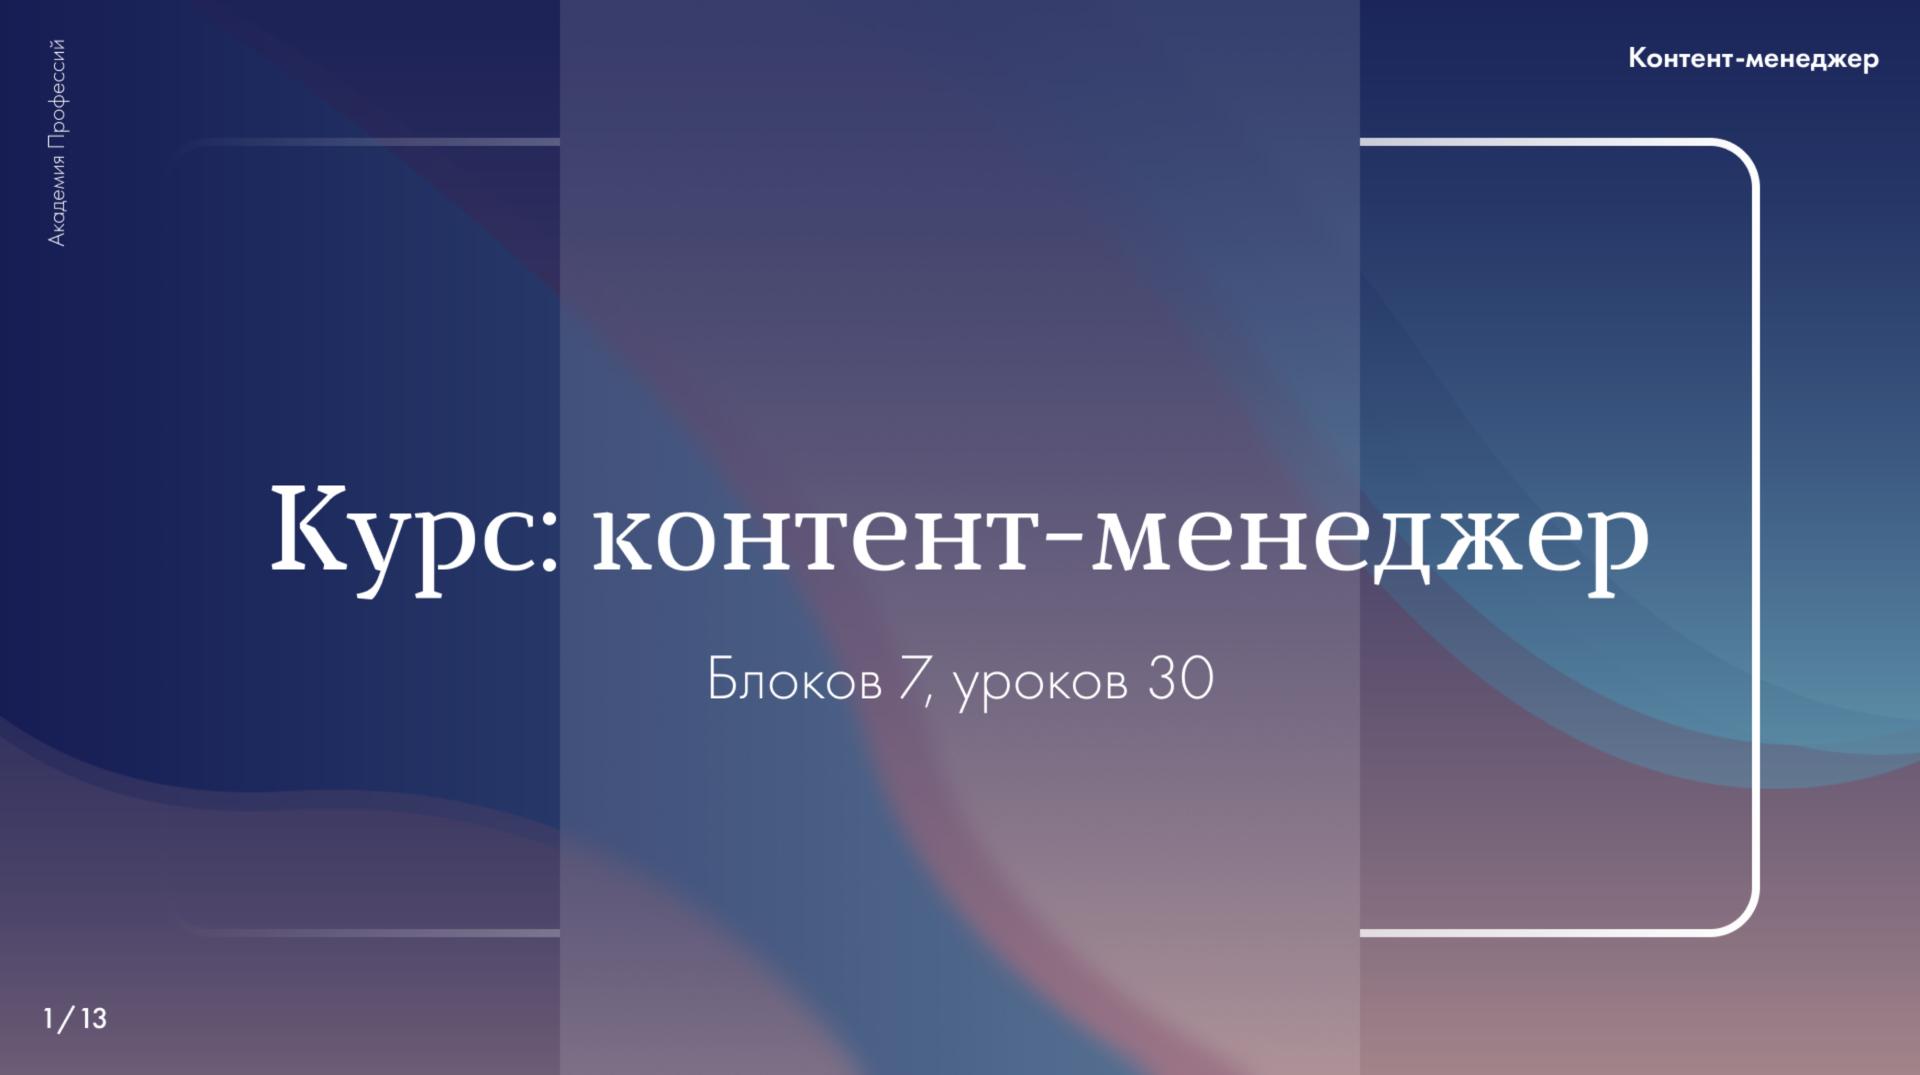 дизайн для обложки презентации курса контент-менеджер